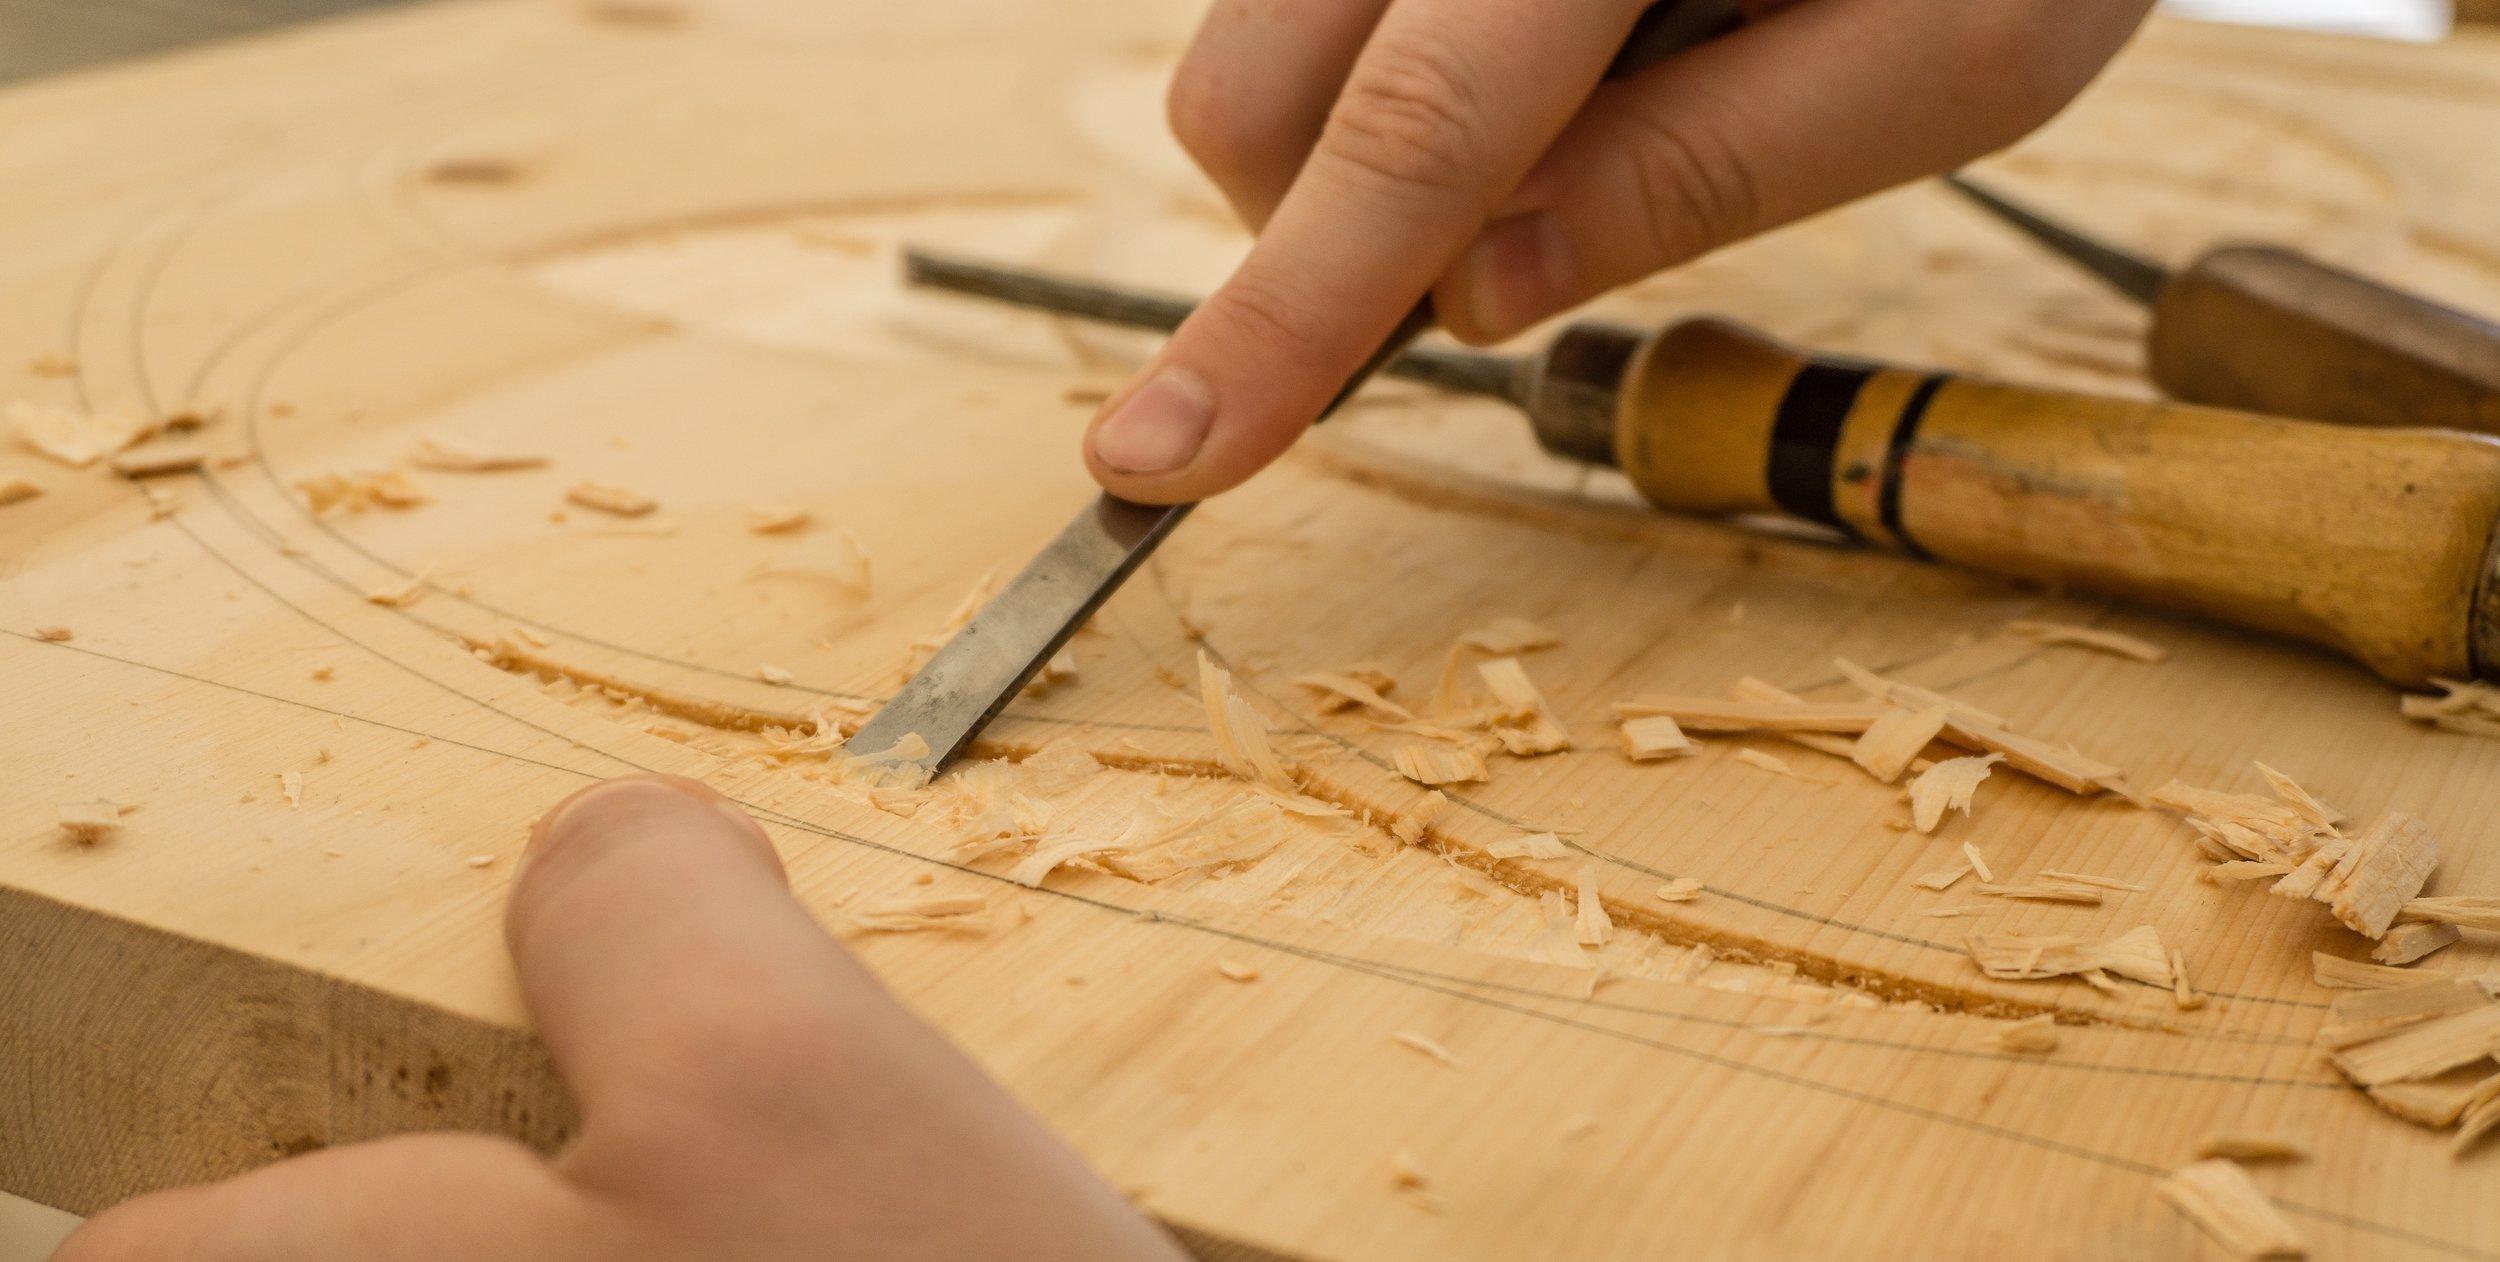 - Die Herstellung unserer Möbel findet unter maschinengestützter Handarbeit statt. Nach jedem Fertigungsschritt wird per Hand nachgearbeitet und sichergestellt, dass alles perfekt ist.